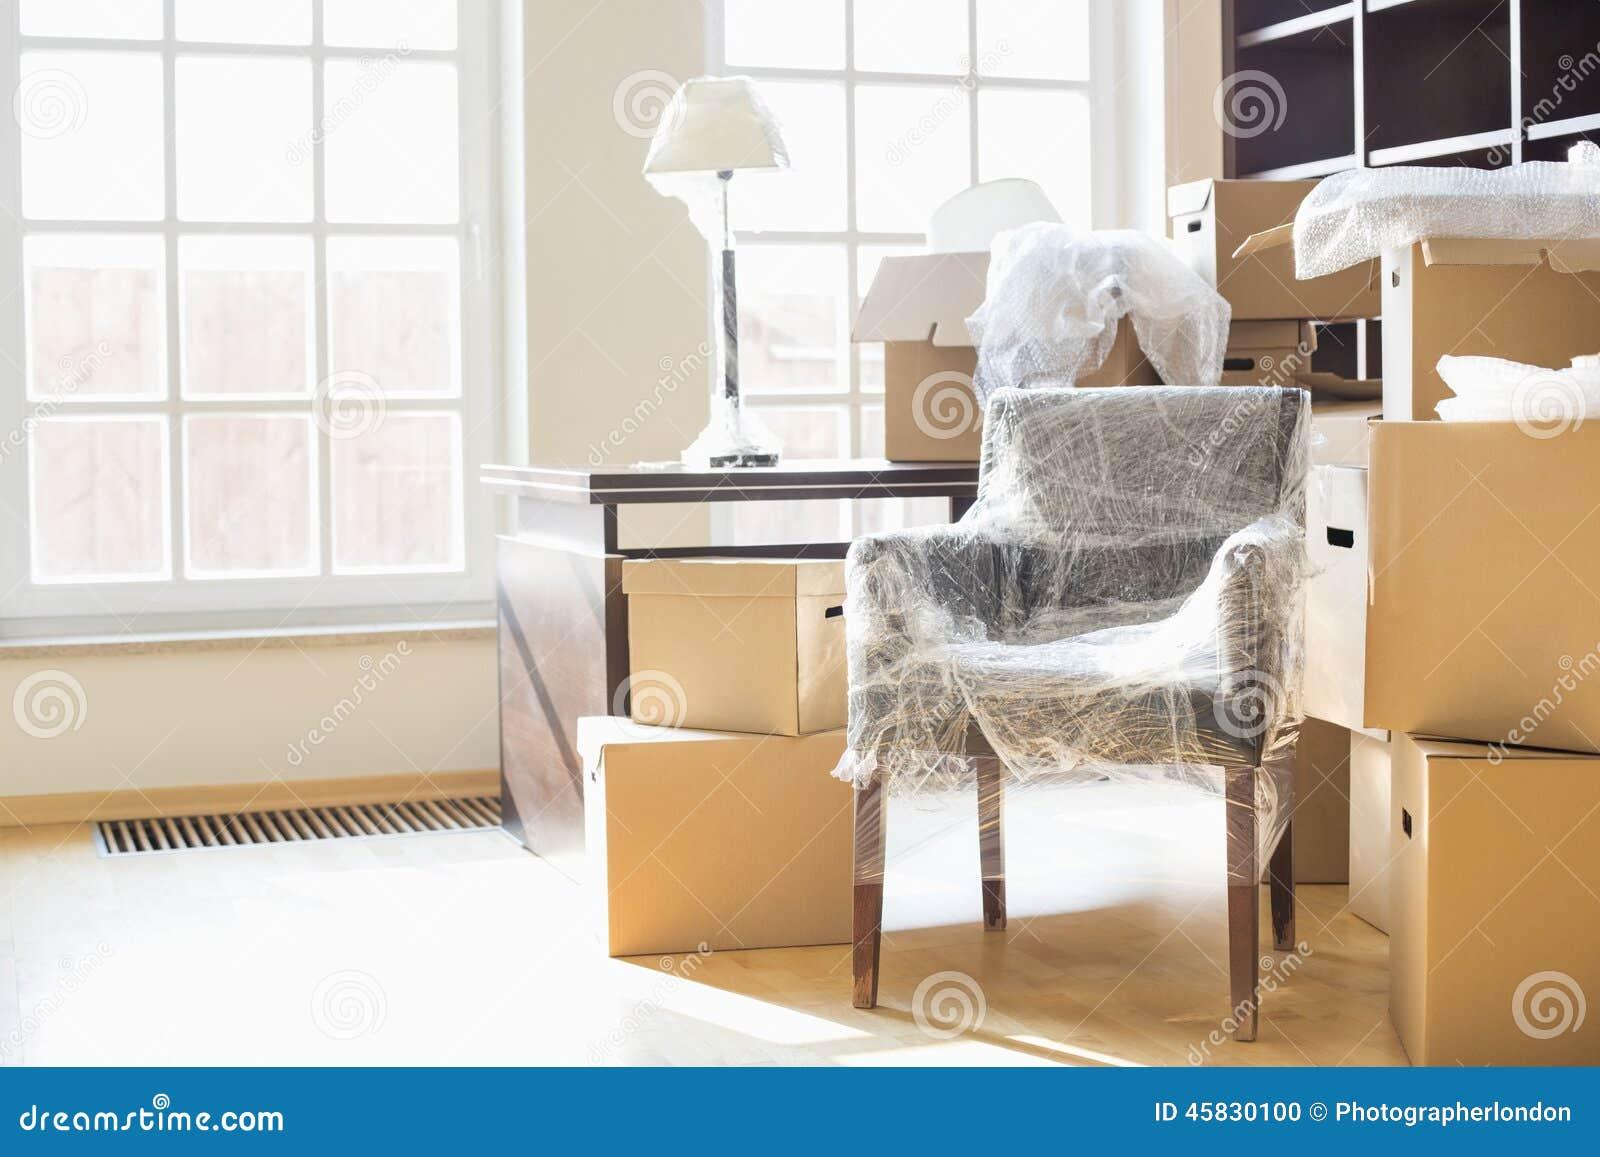 移动的箱子和家具在新的家